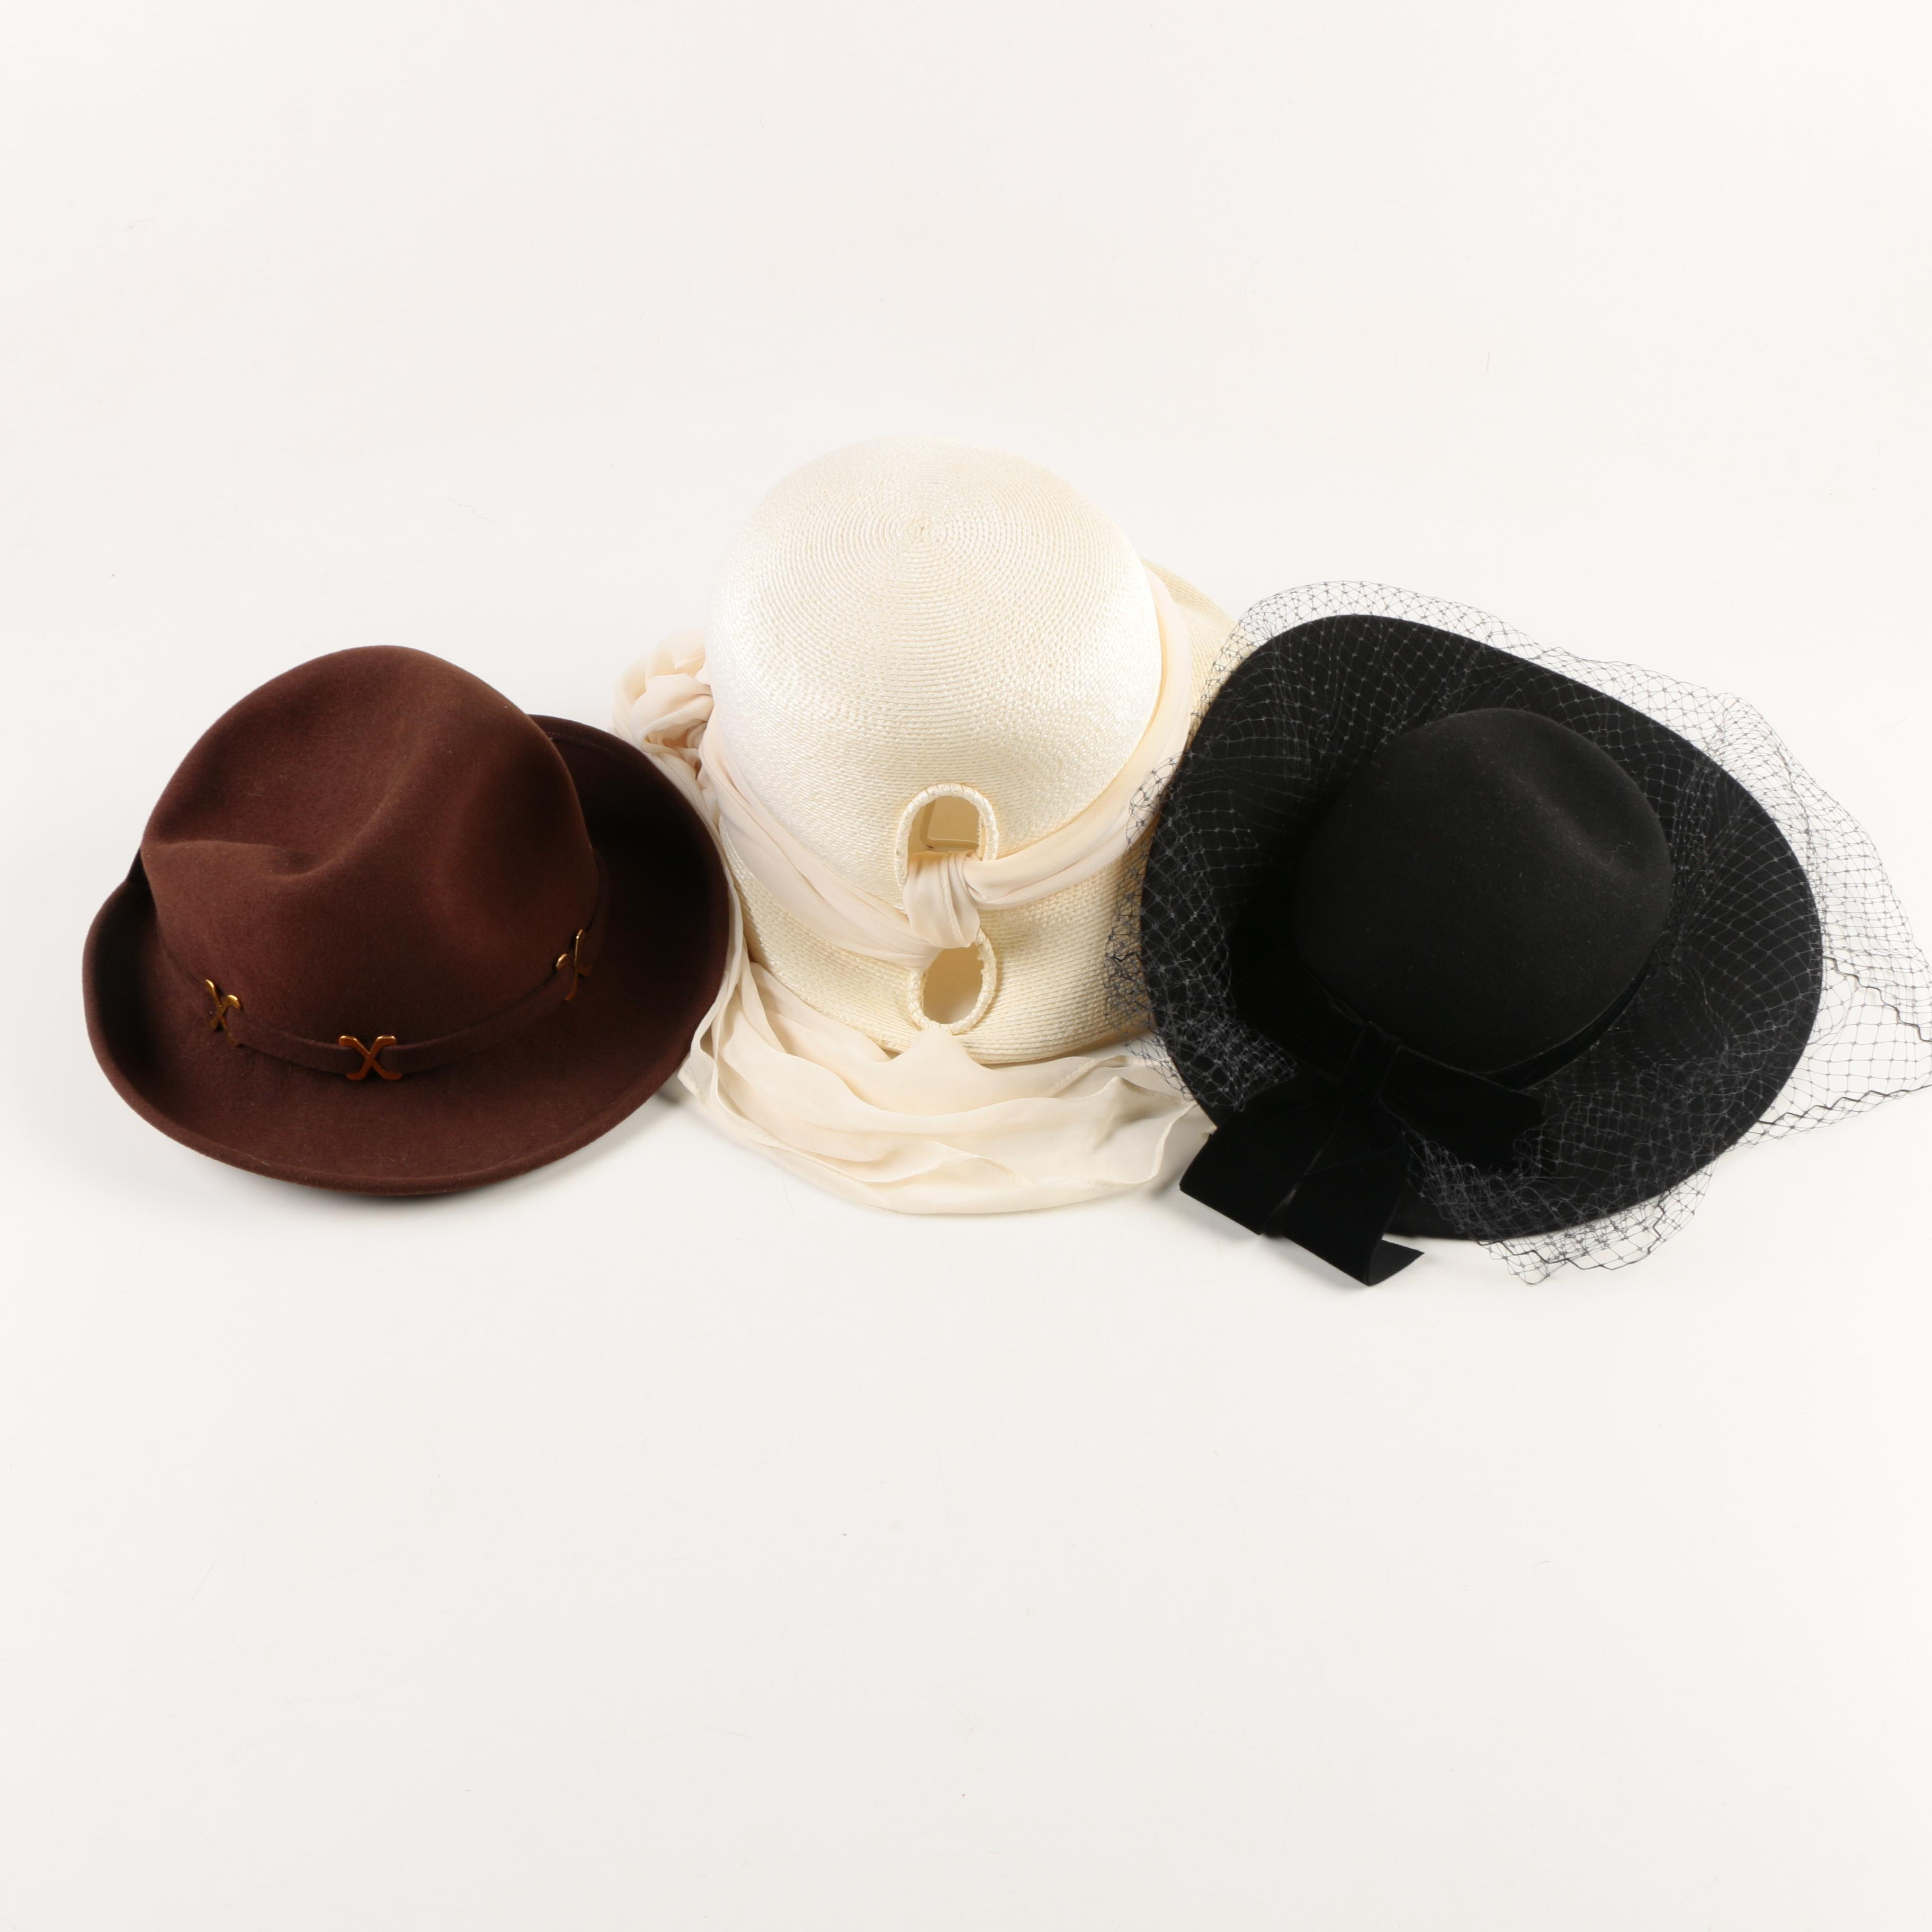 Assortment of Women's Vintage Hats